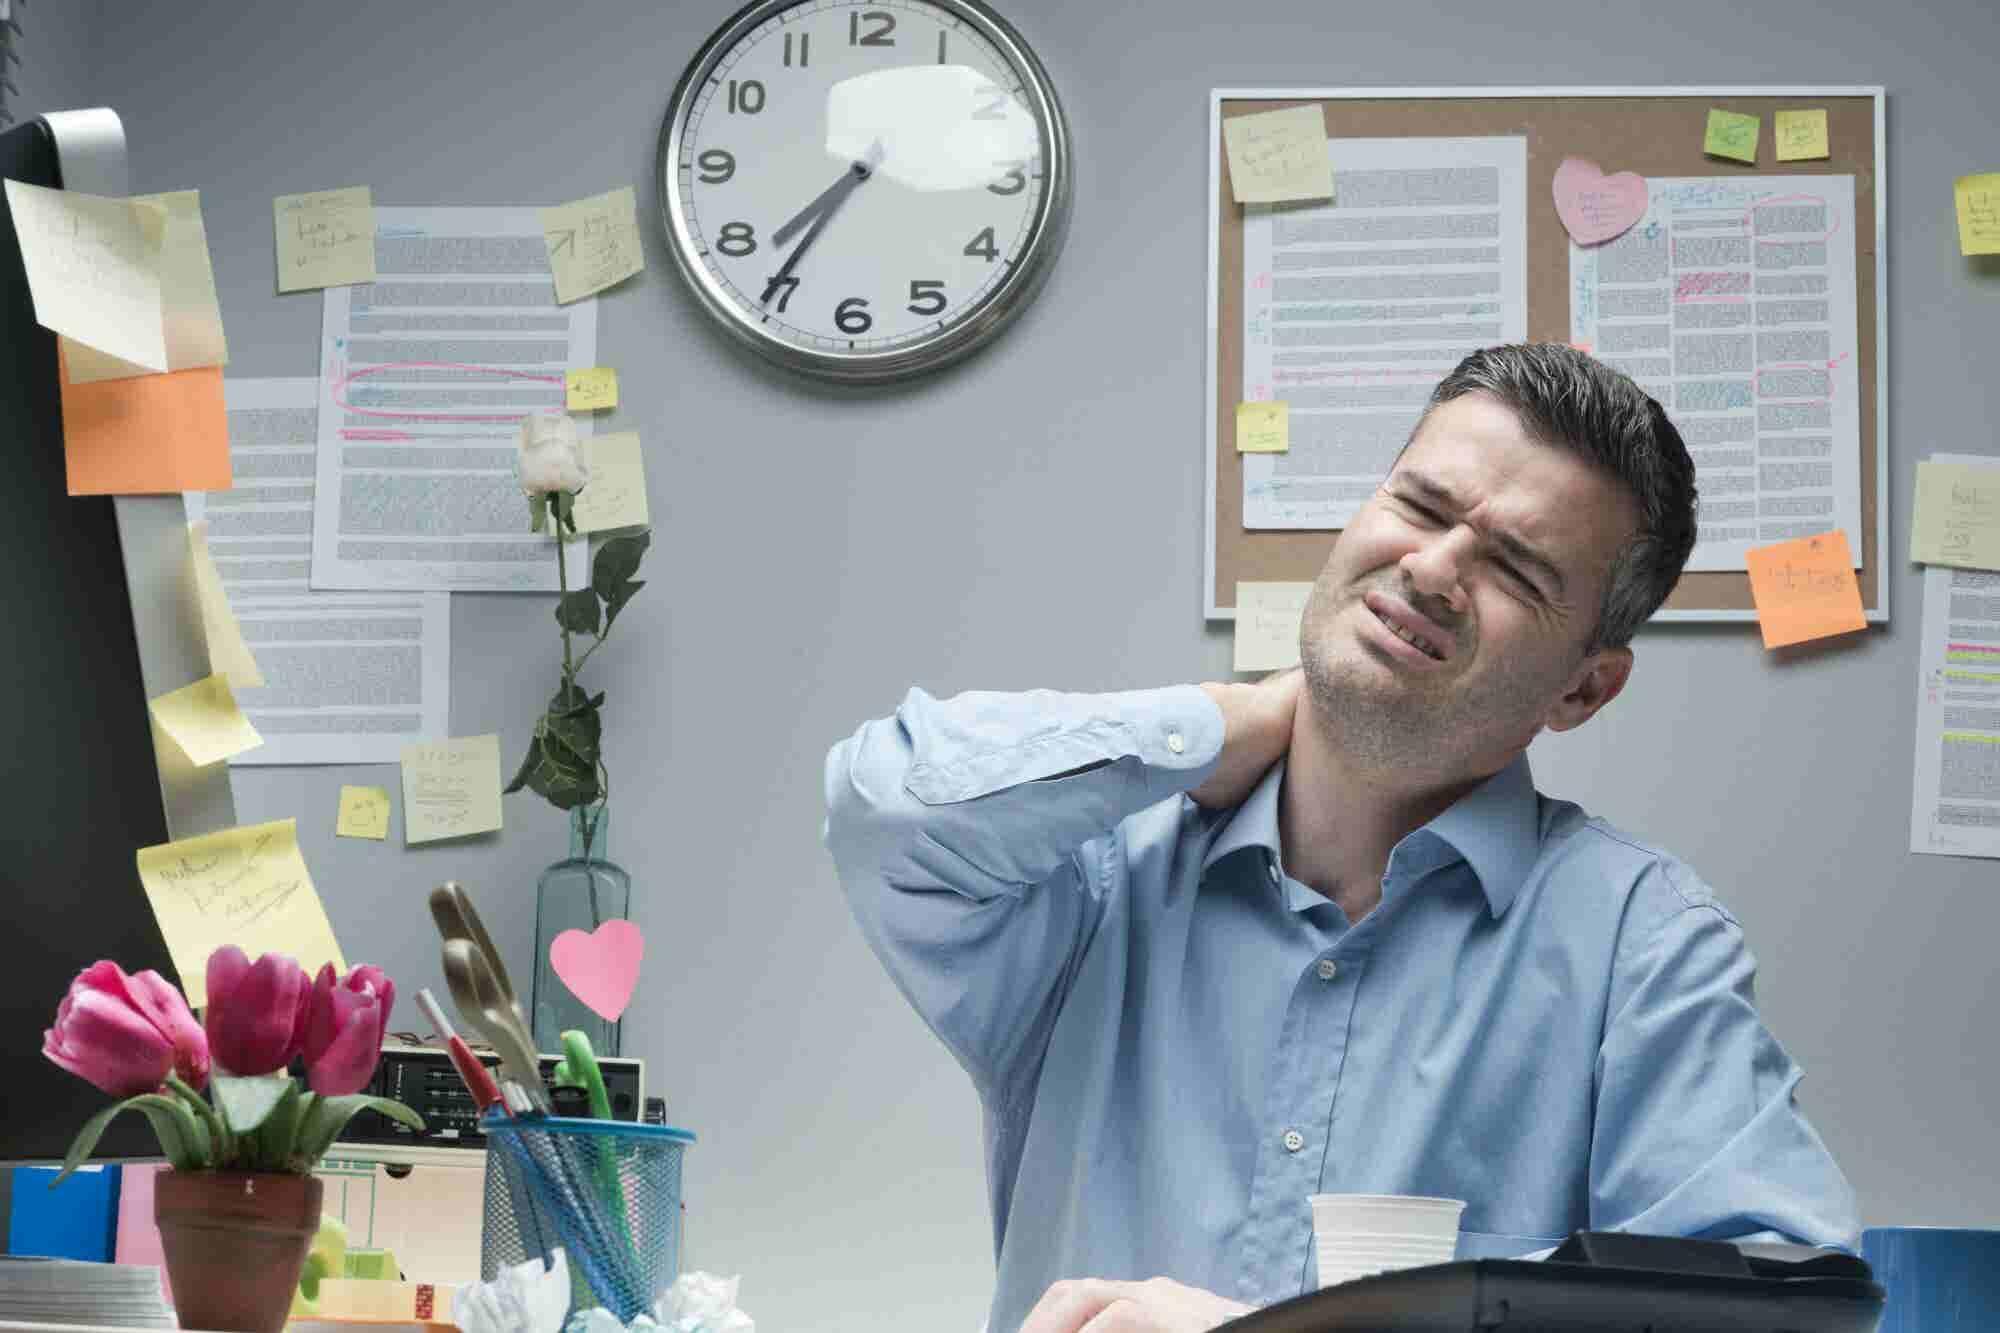 ¿Te duele el cuello? Aplica estos 4 tips para trabajar cómodamente en tu escritorio